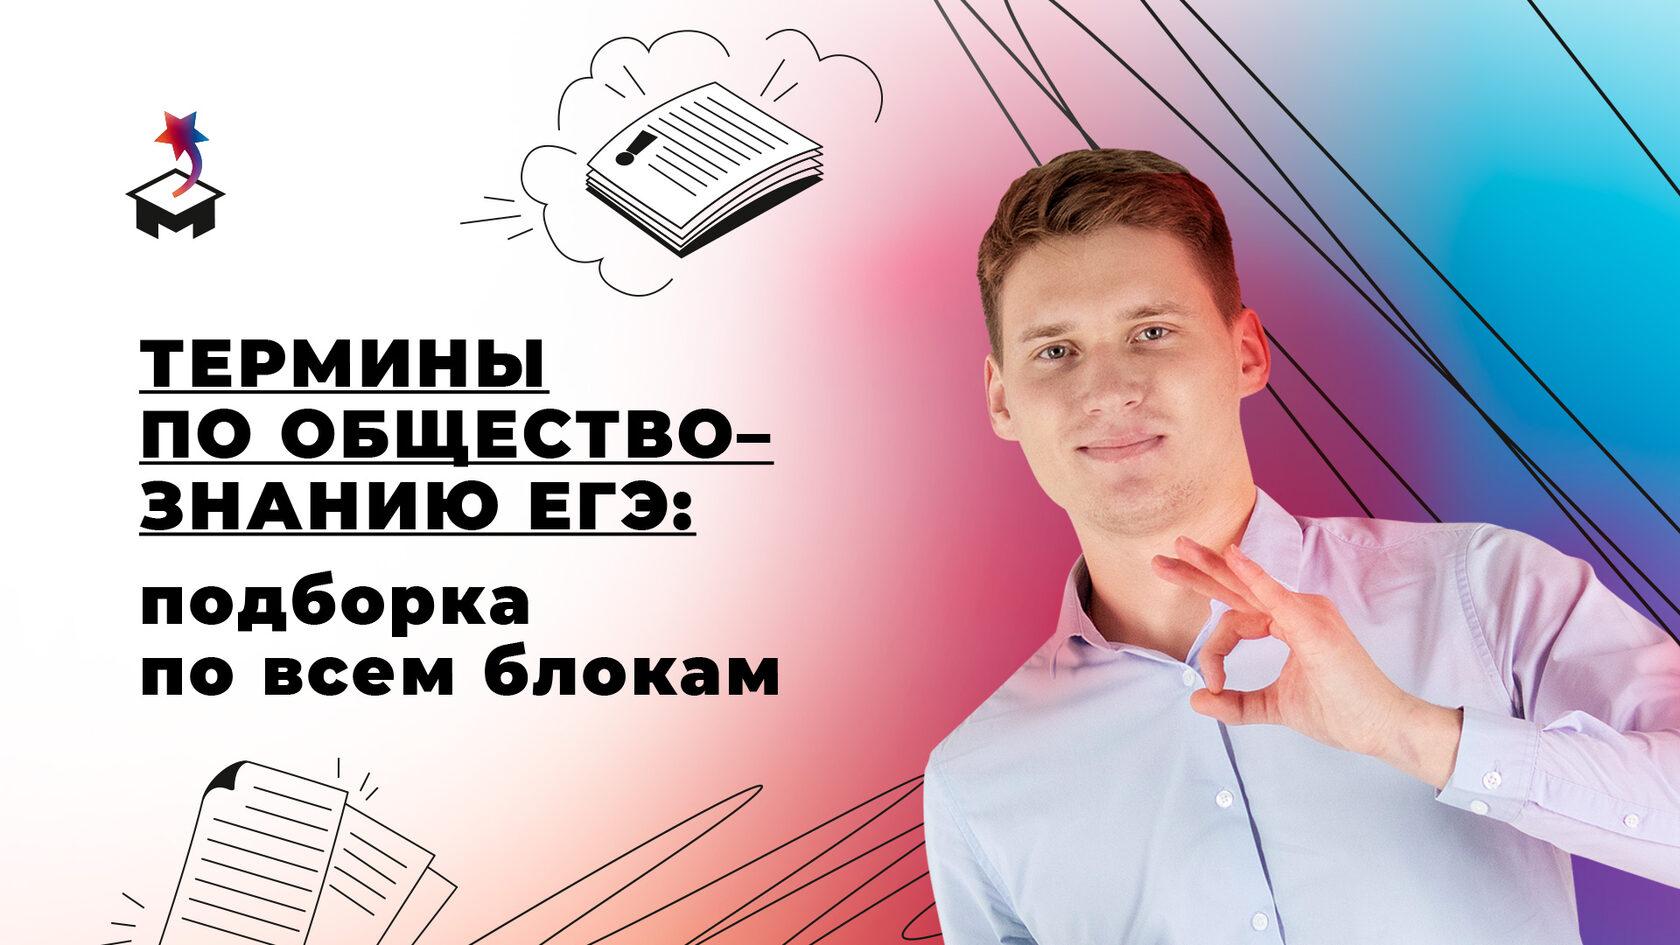 Дмитрий Первый